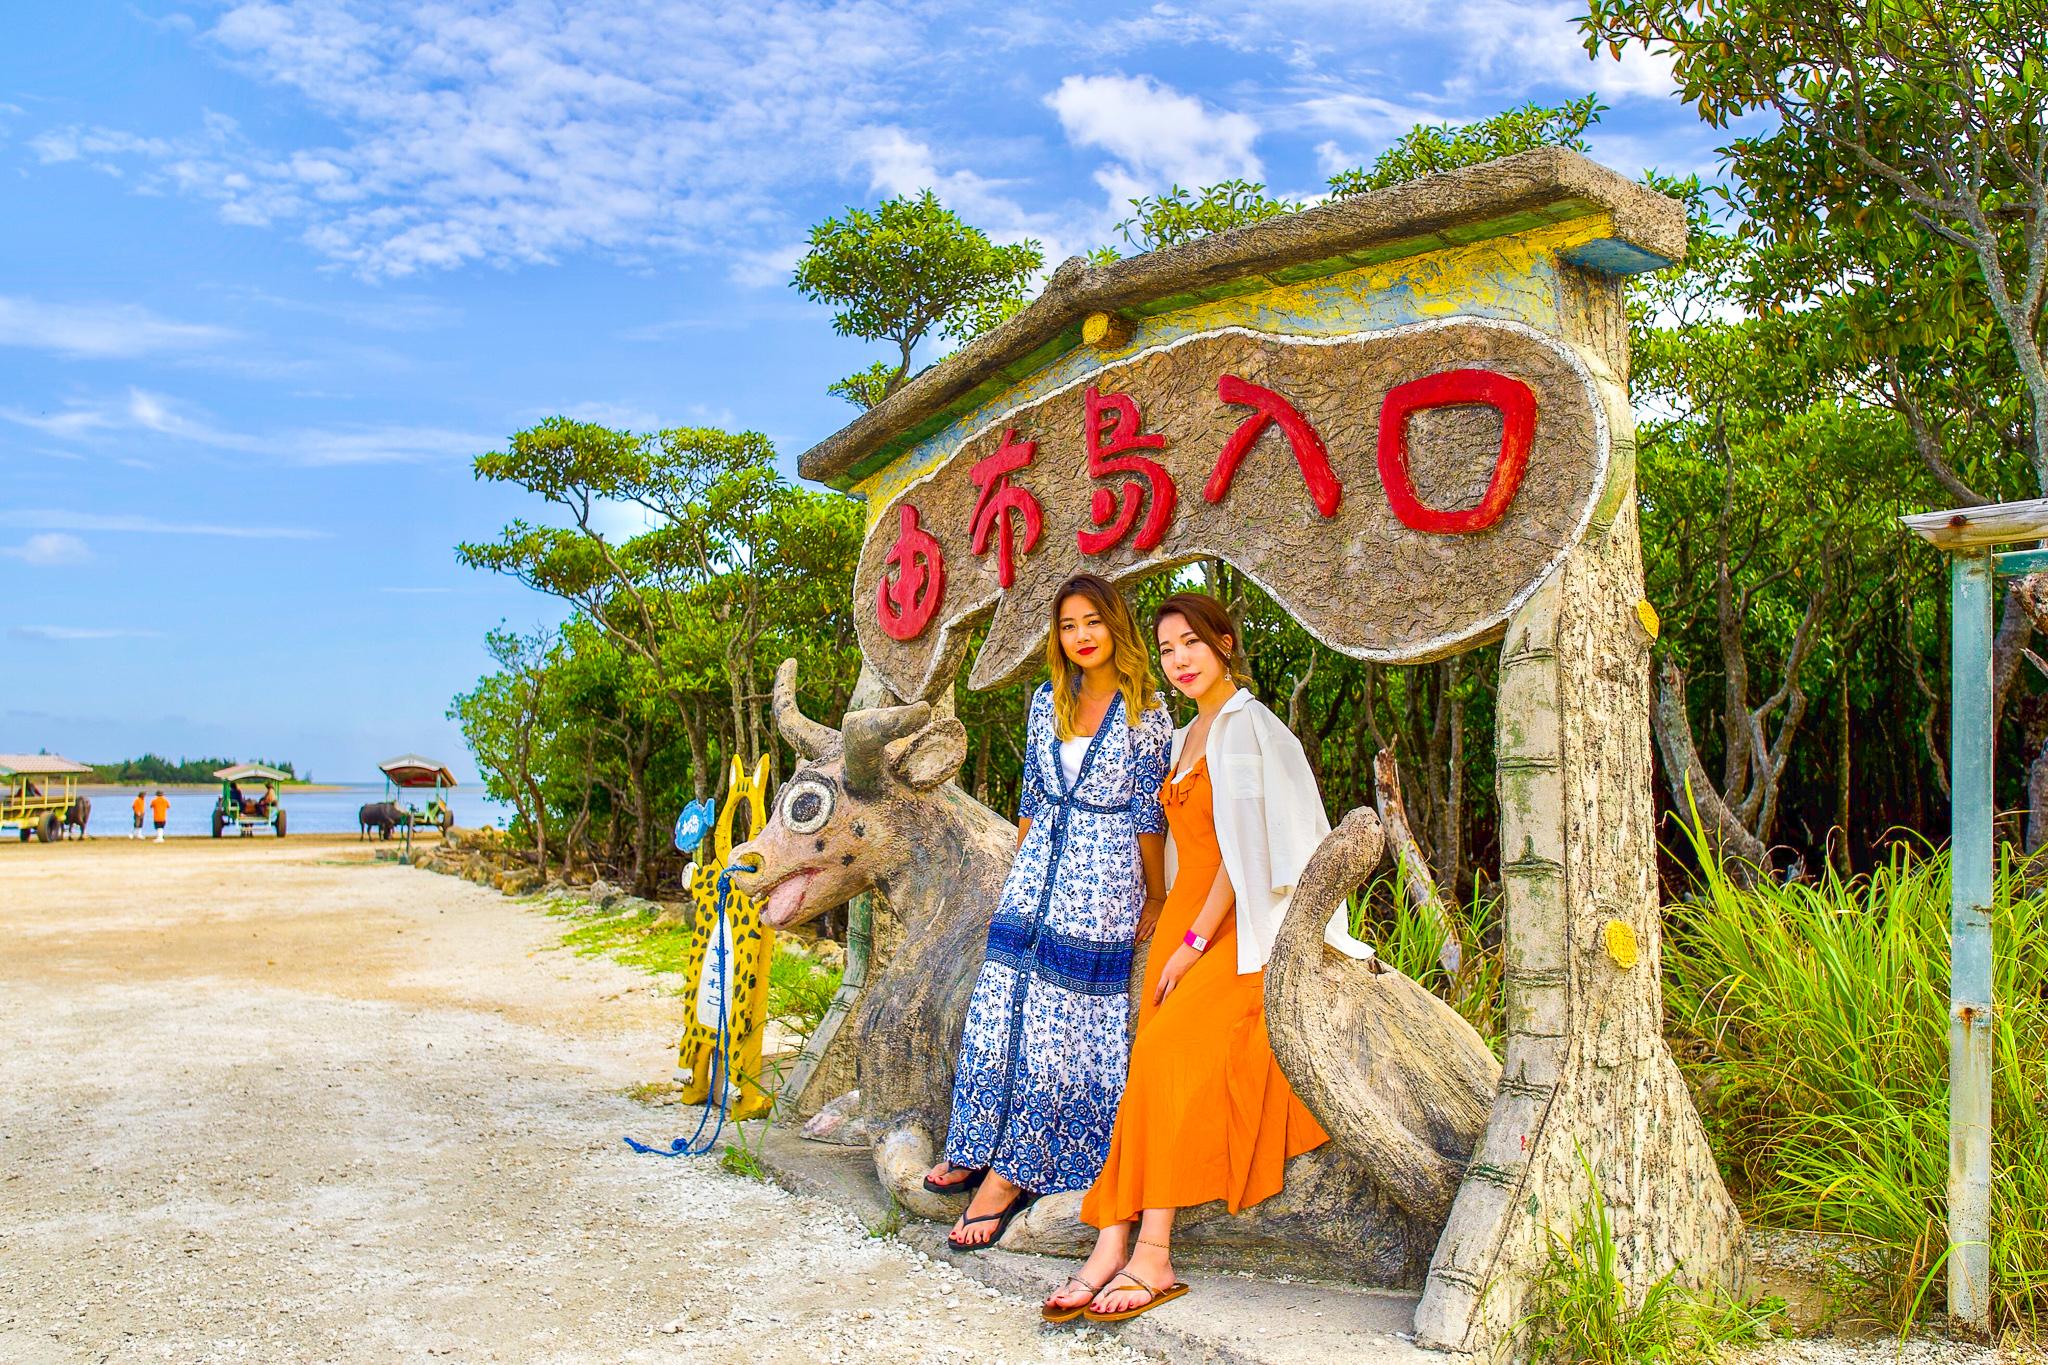 12月の石垣島での服装